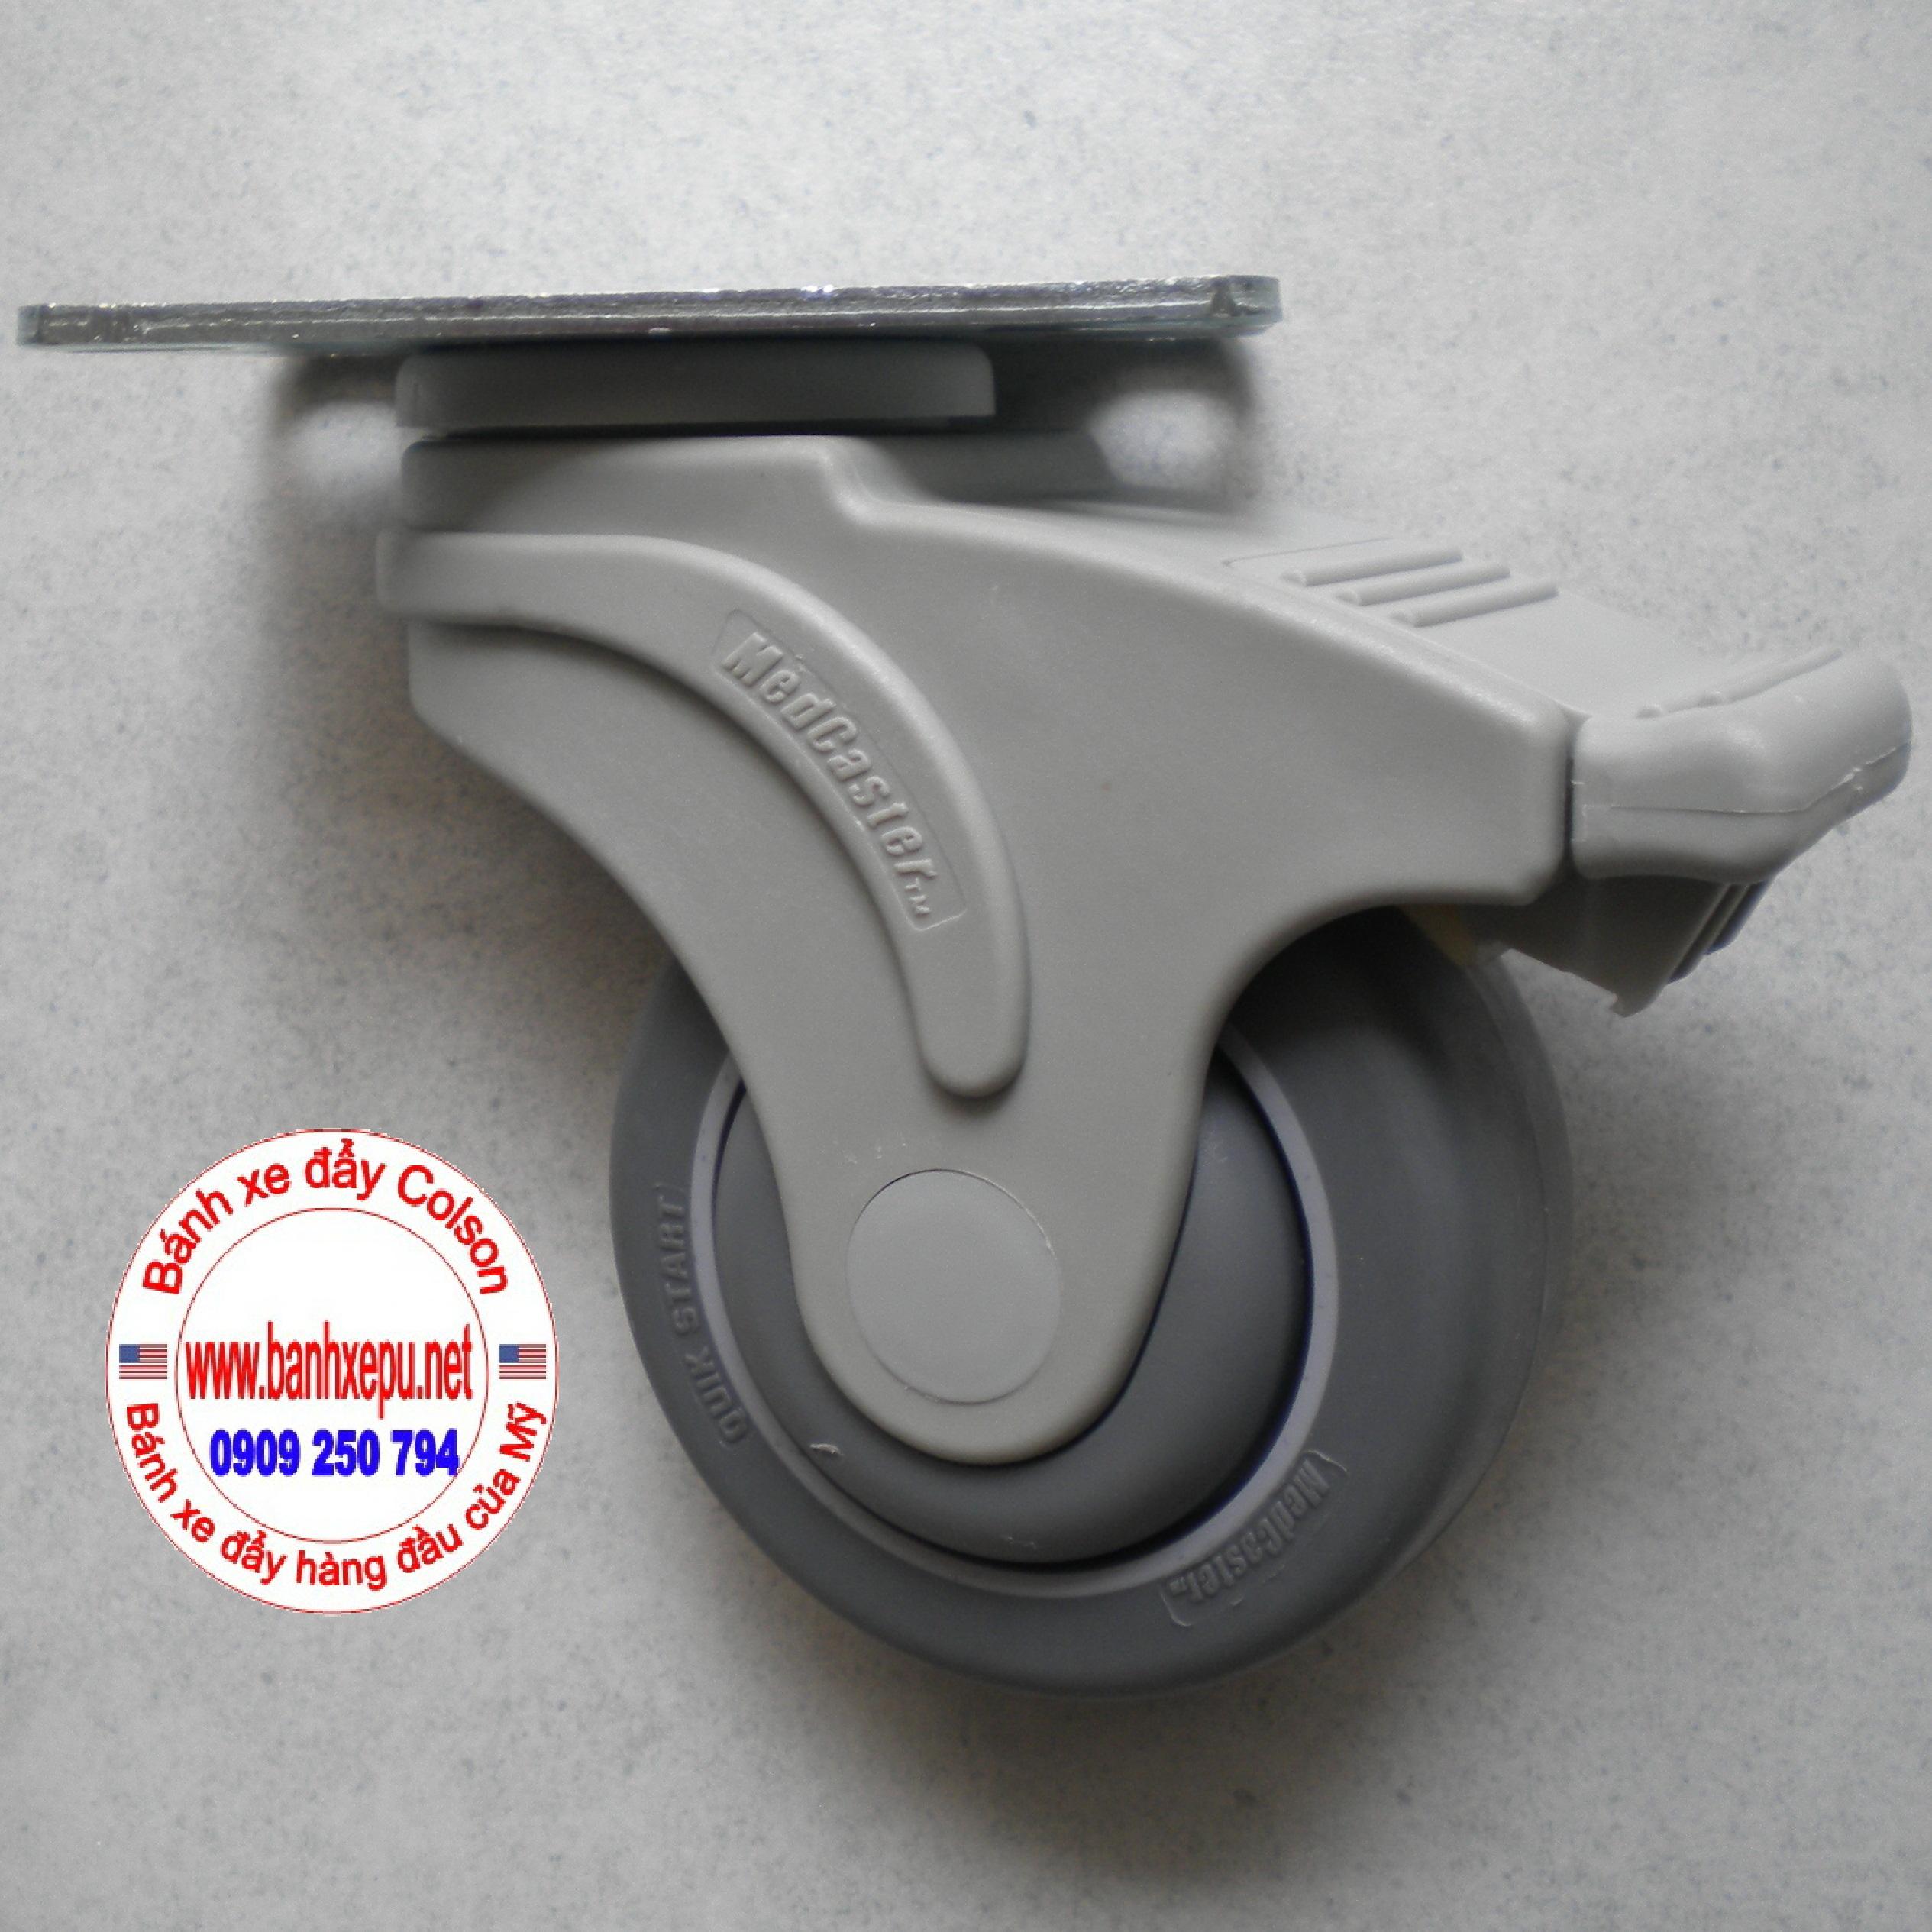 Bánh xe cao su Perfoma Colson dùng cho xe đẩy thuốc y tế bệnh viện